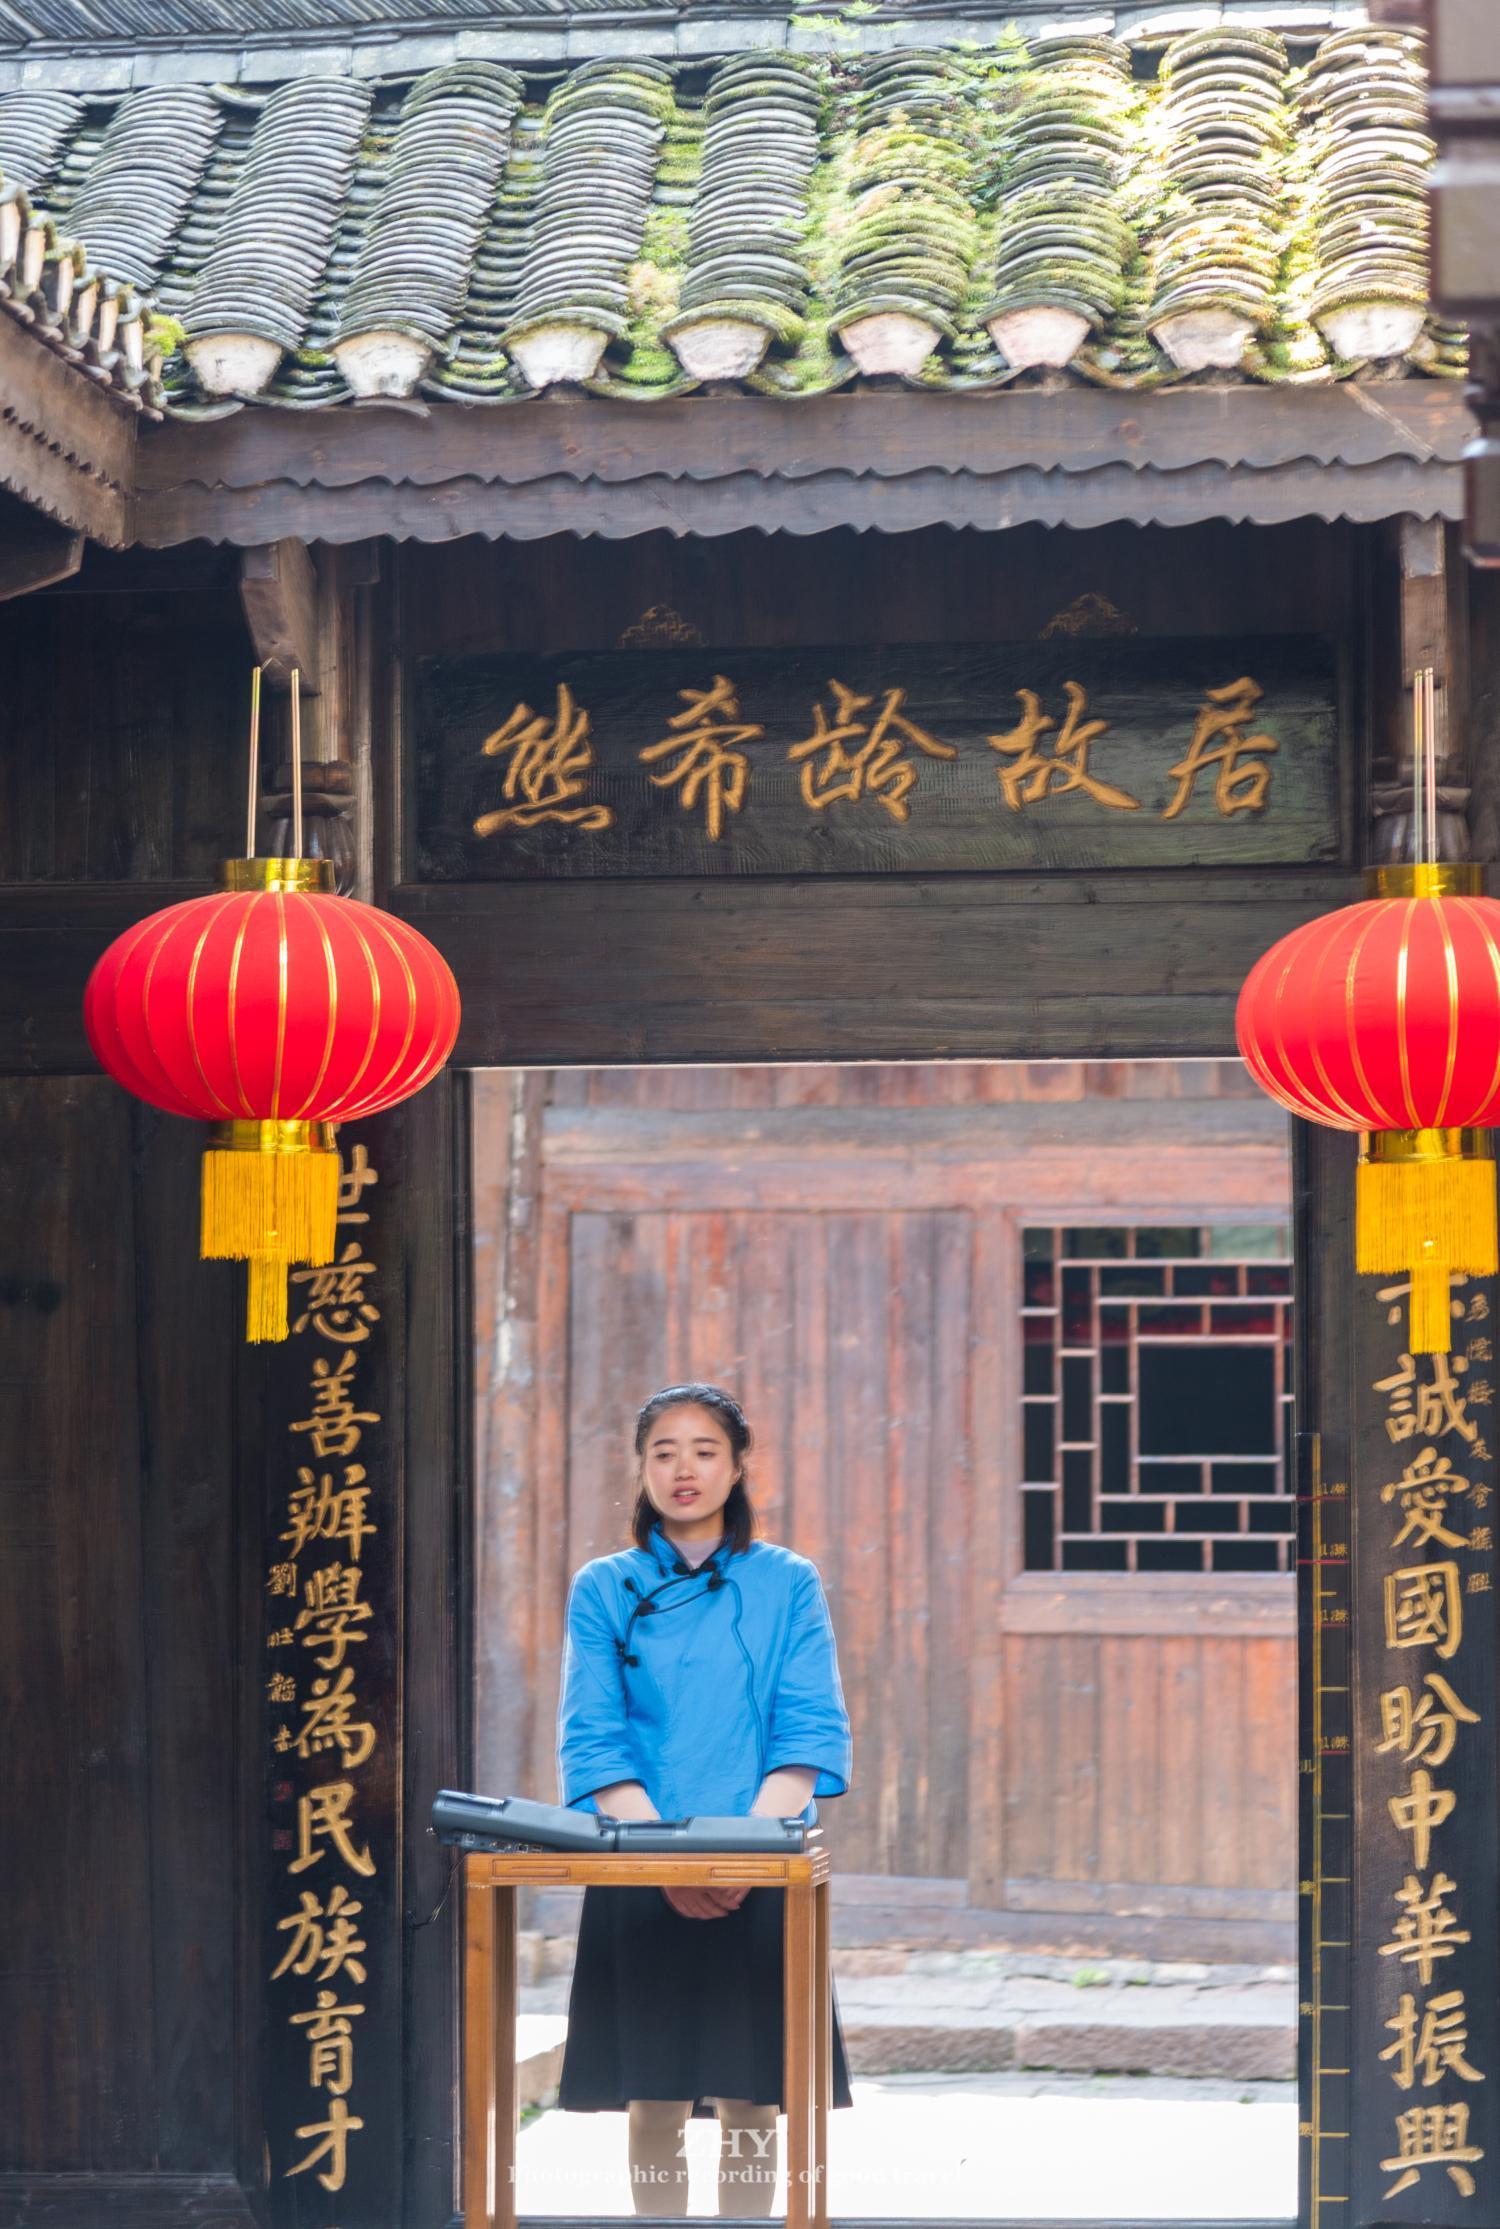 凤凰古城走出最大的官,16岁中举人,17岁中进士,曾高居总理之位